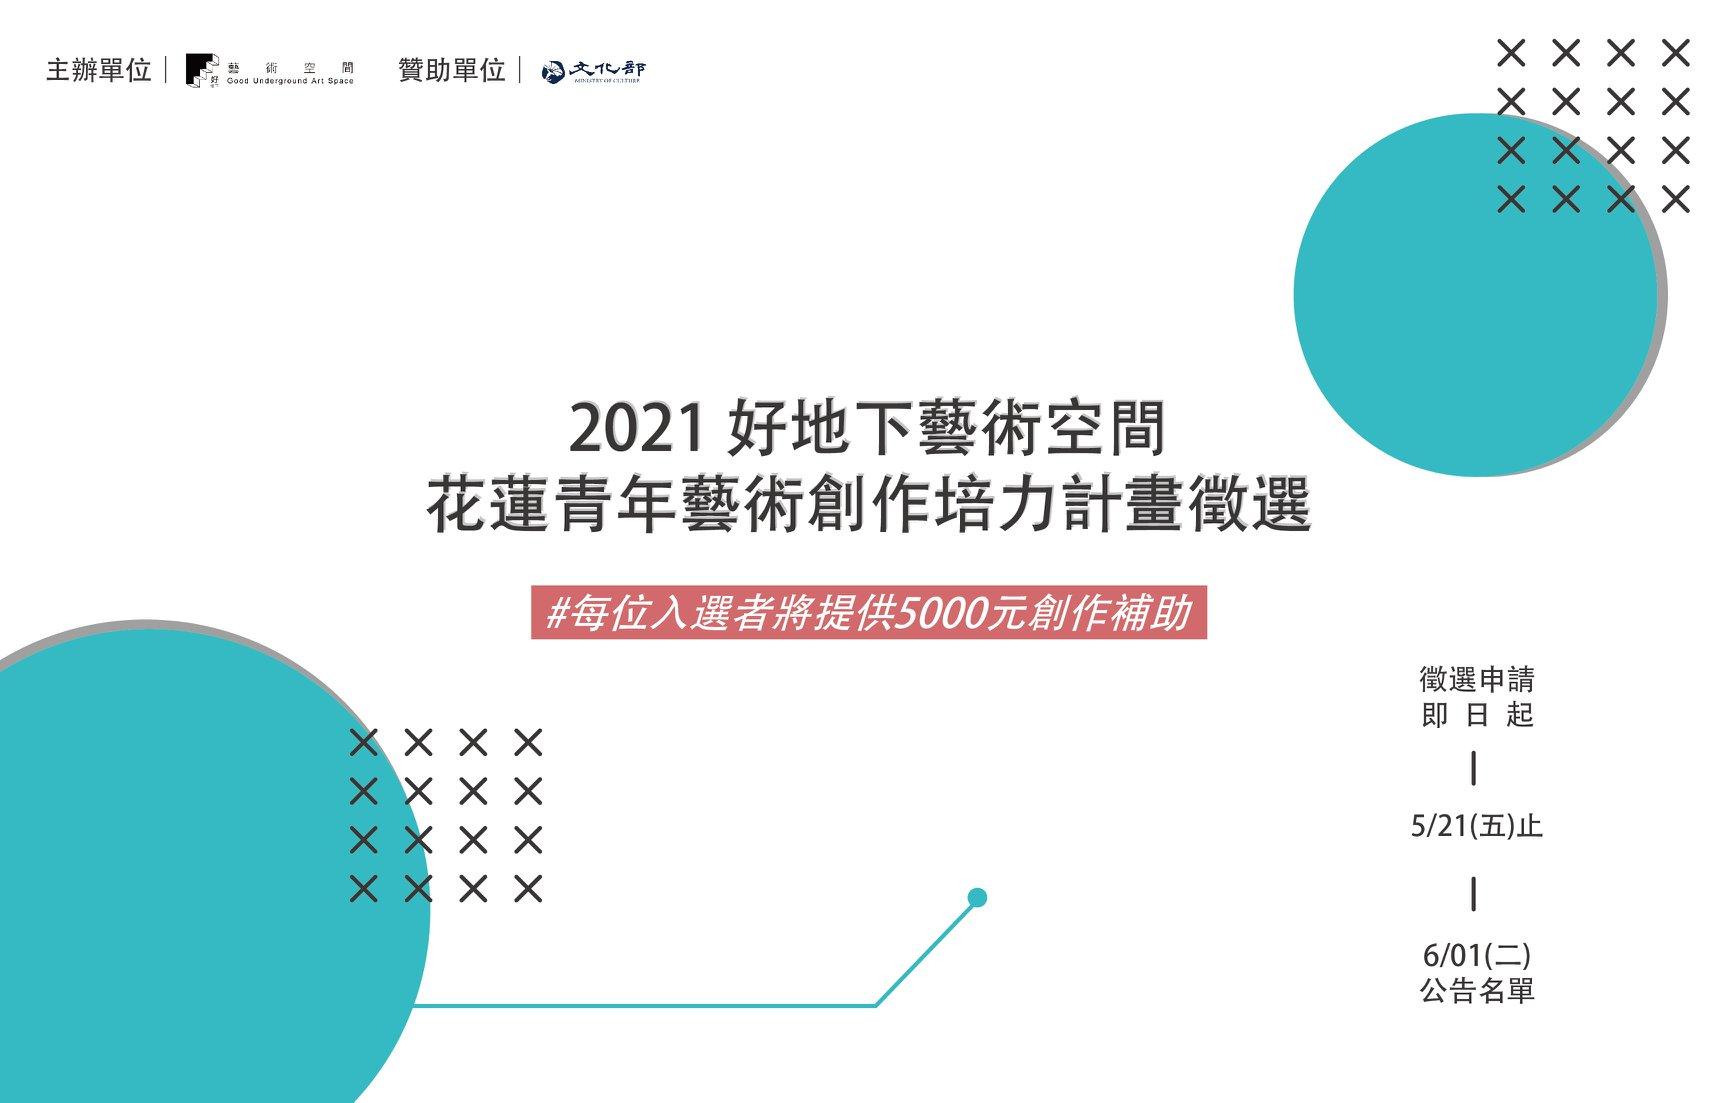 【2021年好地下藝術空間花蓮青年藝術創作培力|即日起至5/21】